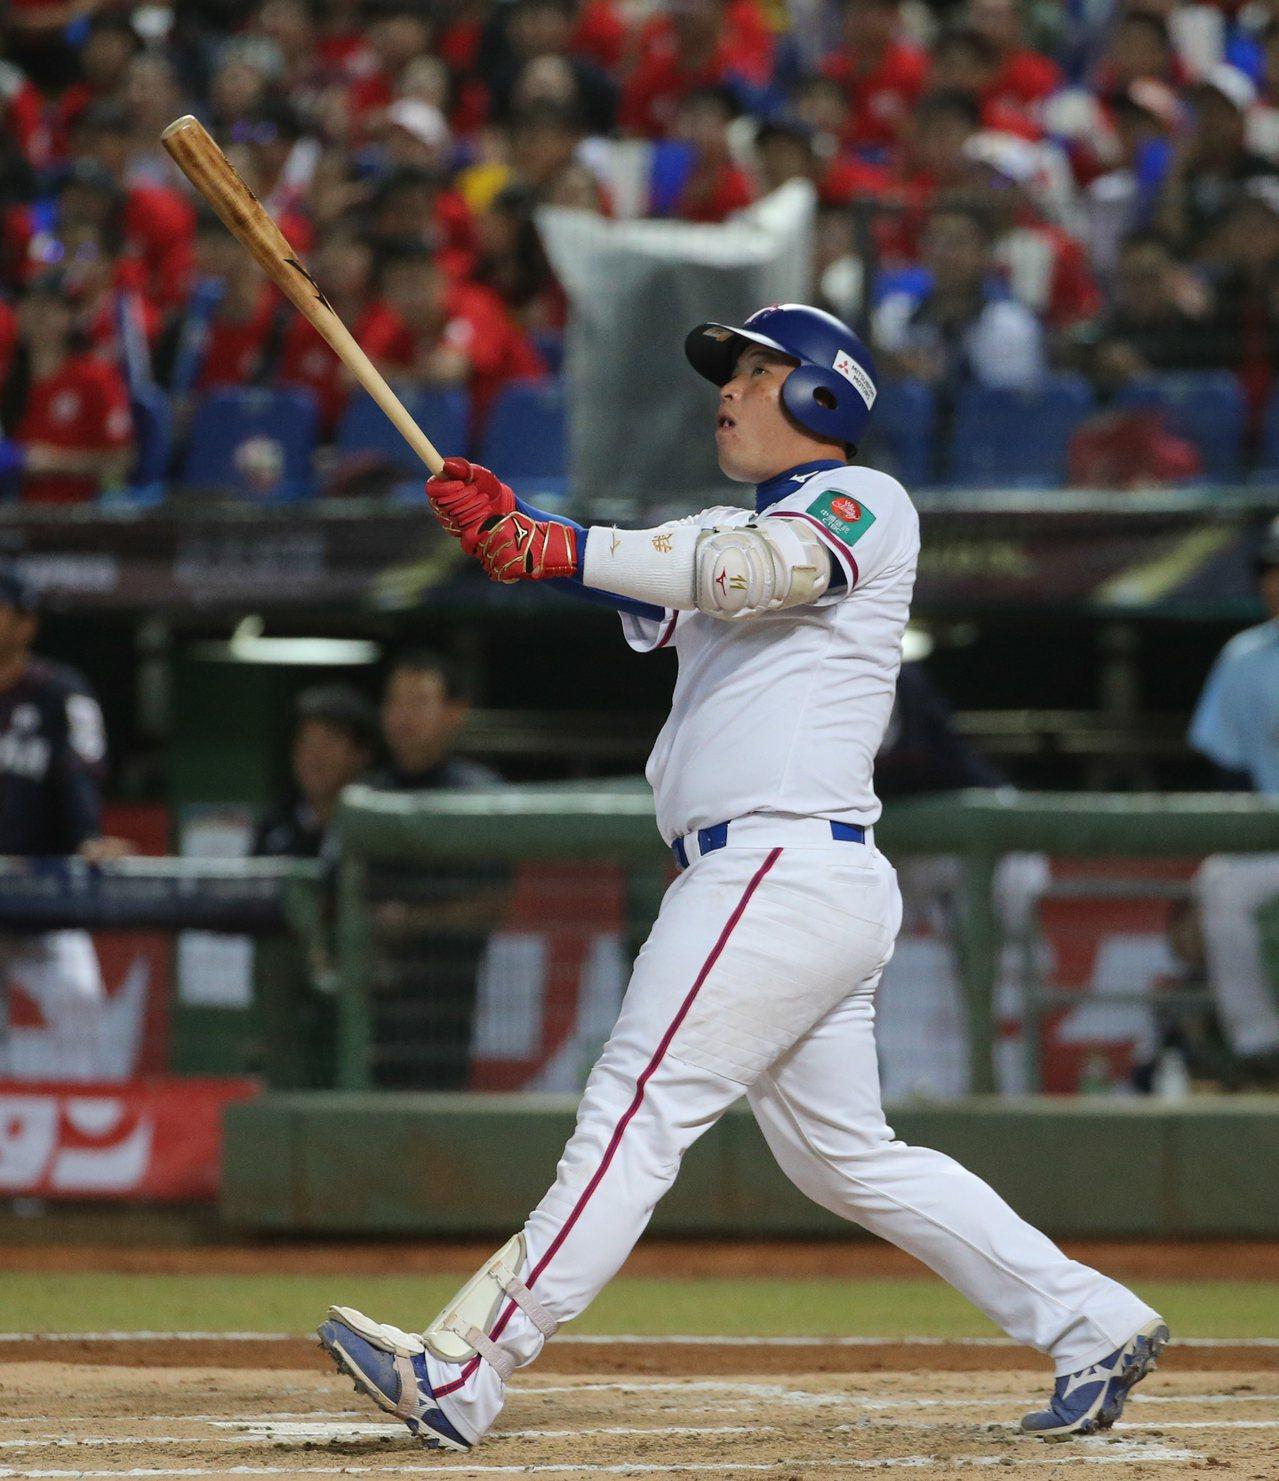 2019年世界12強棒球賽中華隊預賽對日本隊,林泓育敲出左外野深遠飛球,僅形成一...